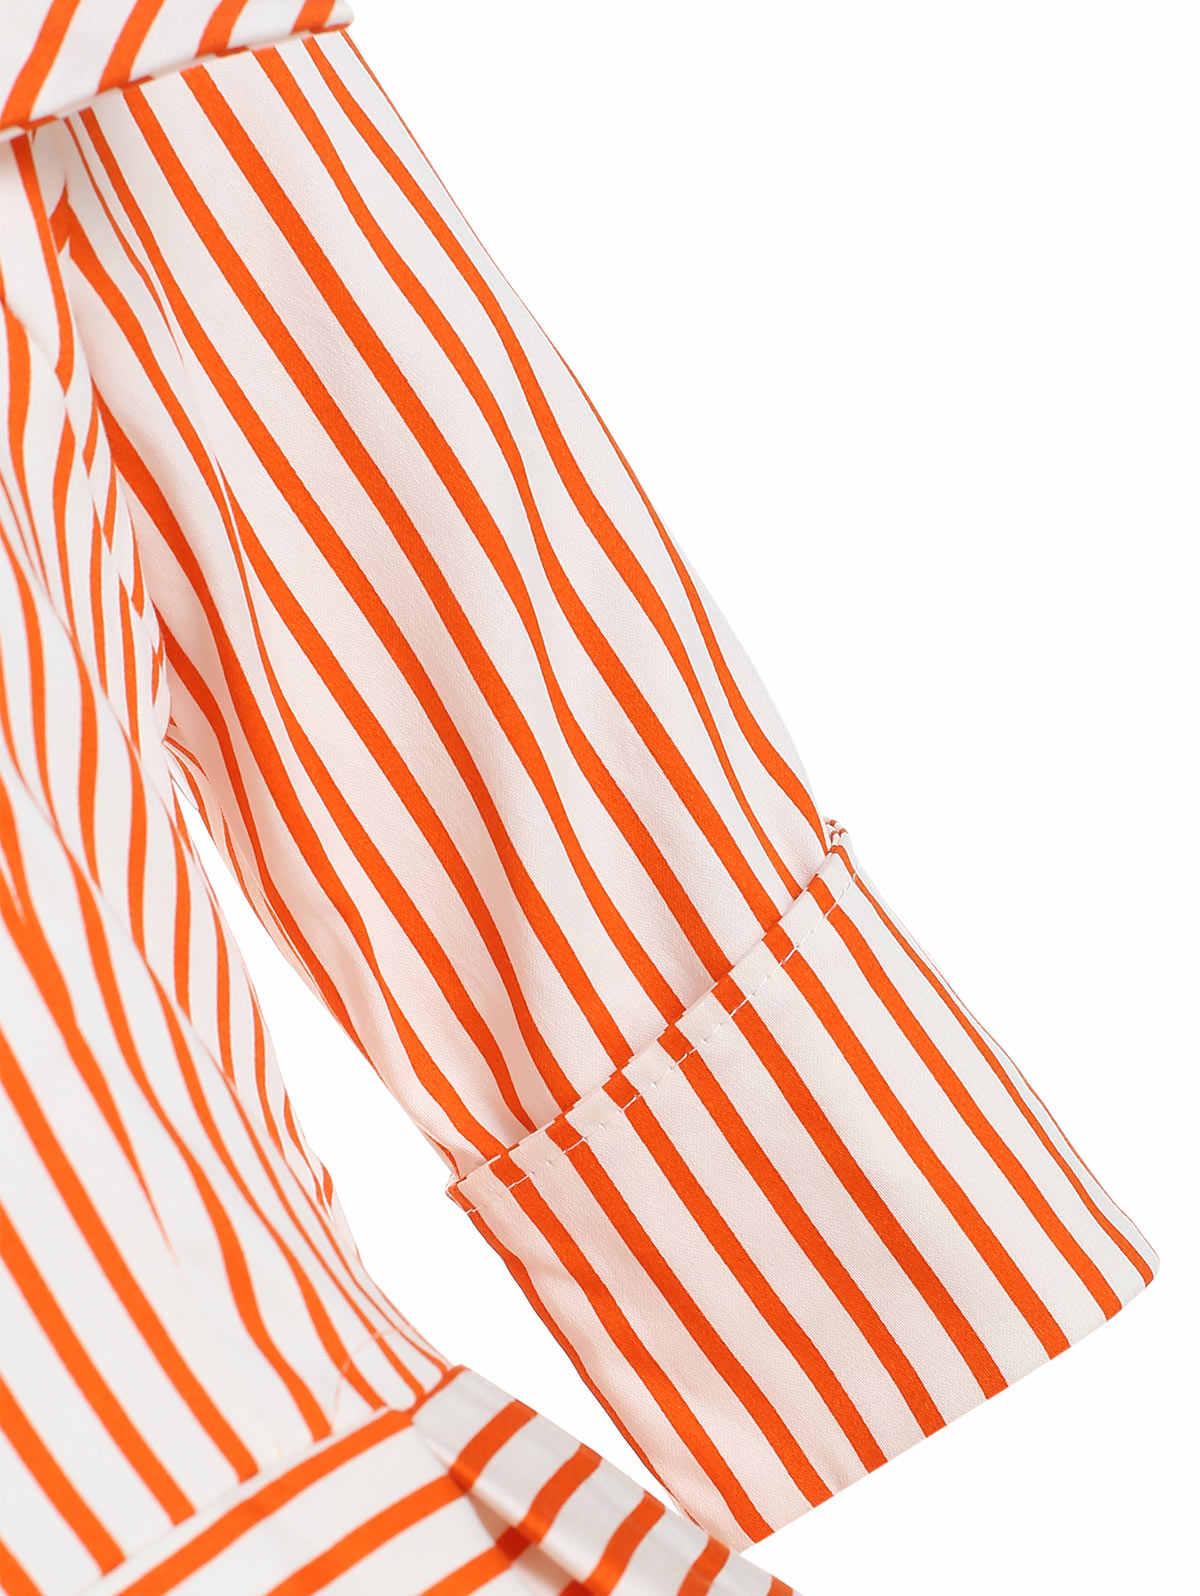 В полоску; с принтом «фрукты» Винтаж платье Для Женщин Половина рукава квадратный воротник элегантный качели вечерние платье Весна Повседневное; платья трапециевидной формы